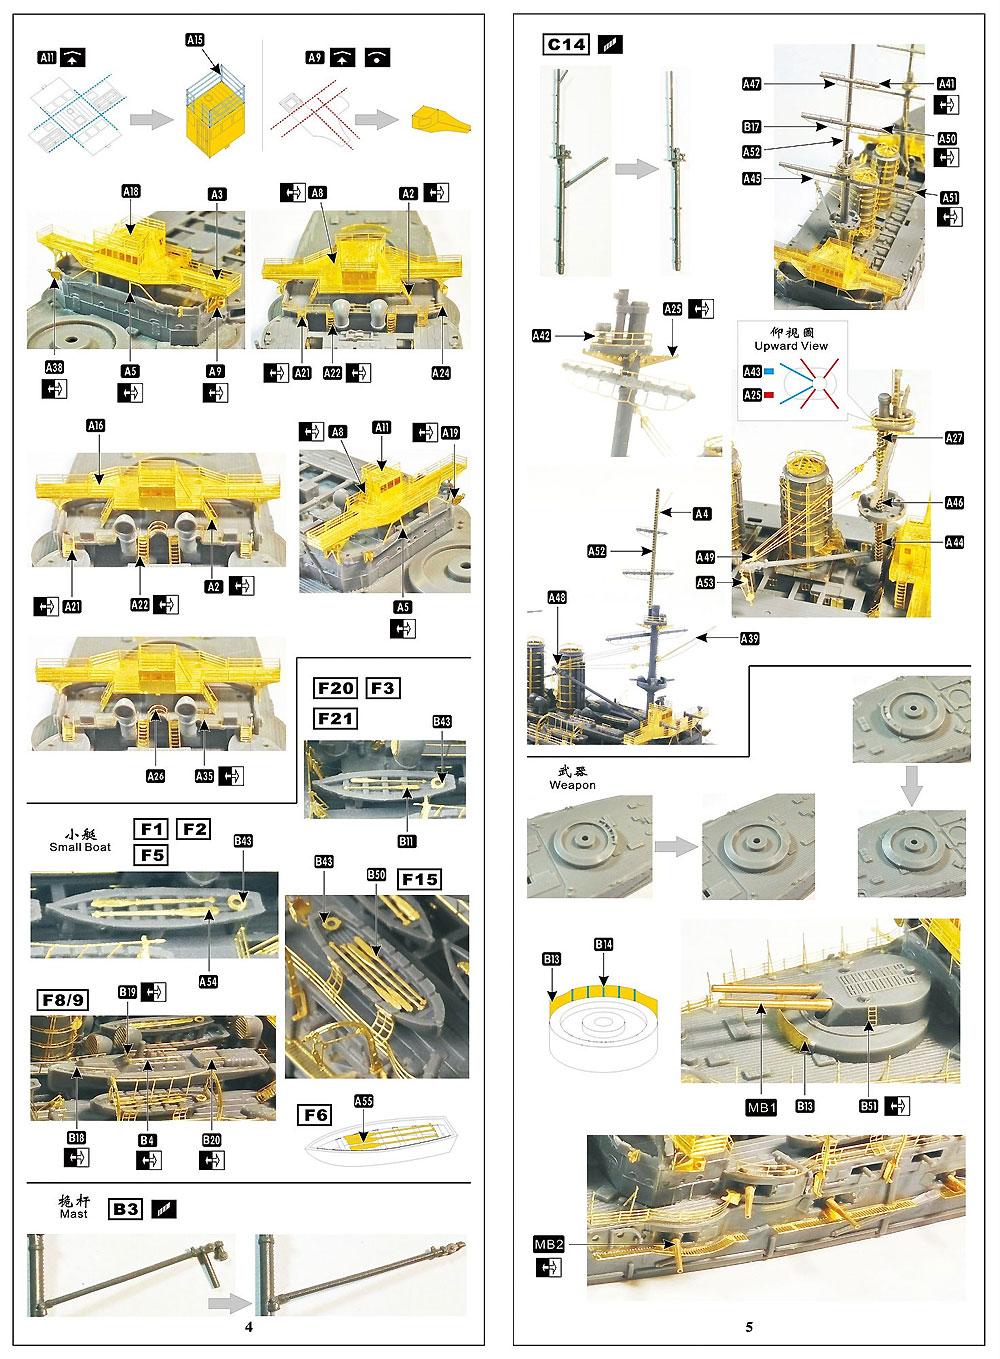 日本海軍 戦艦 三笠 スーパーディテール (ハセガワ用)エッチング(シップ ヤード ワークス1/700 ディテールアップパーツNo.700001)商品画像_3